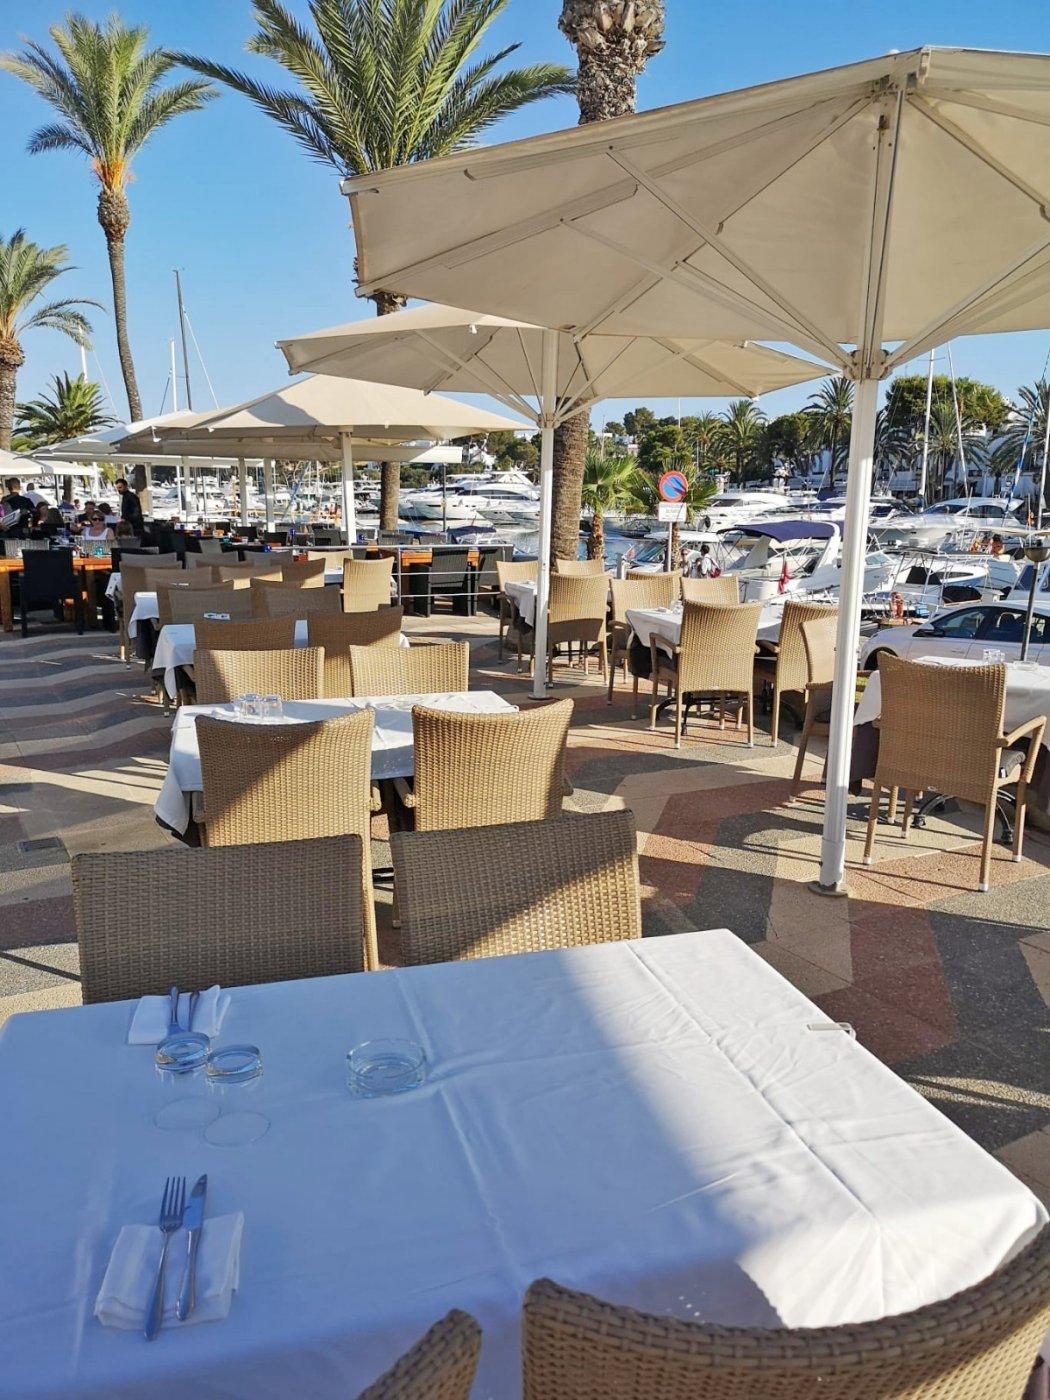 Venta de restaurante en cala d or - imagenInmueble1